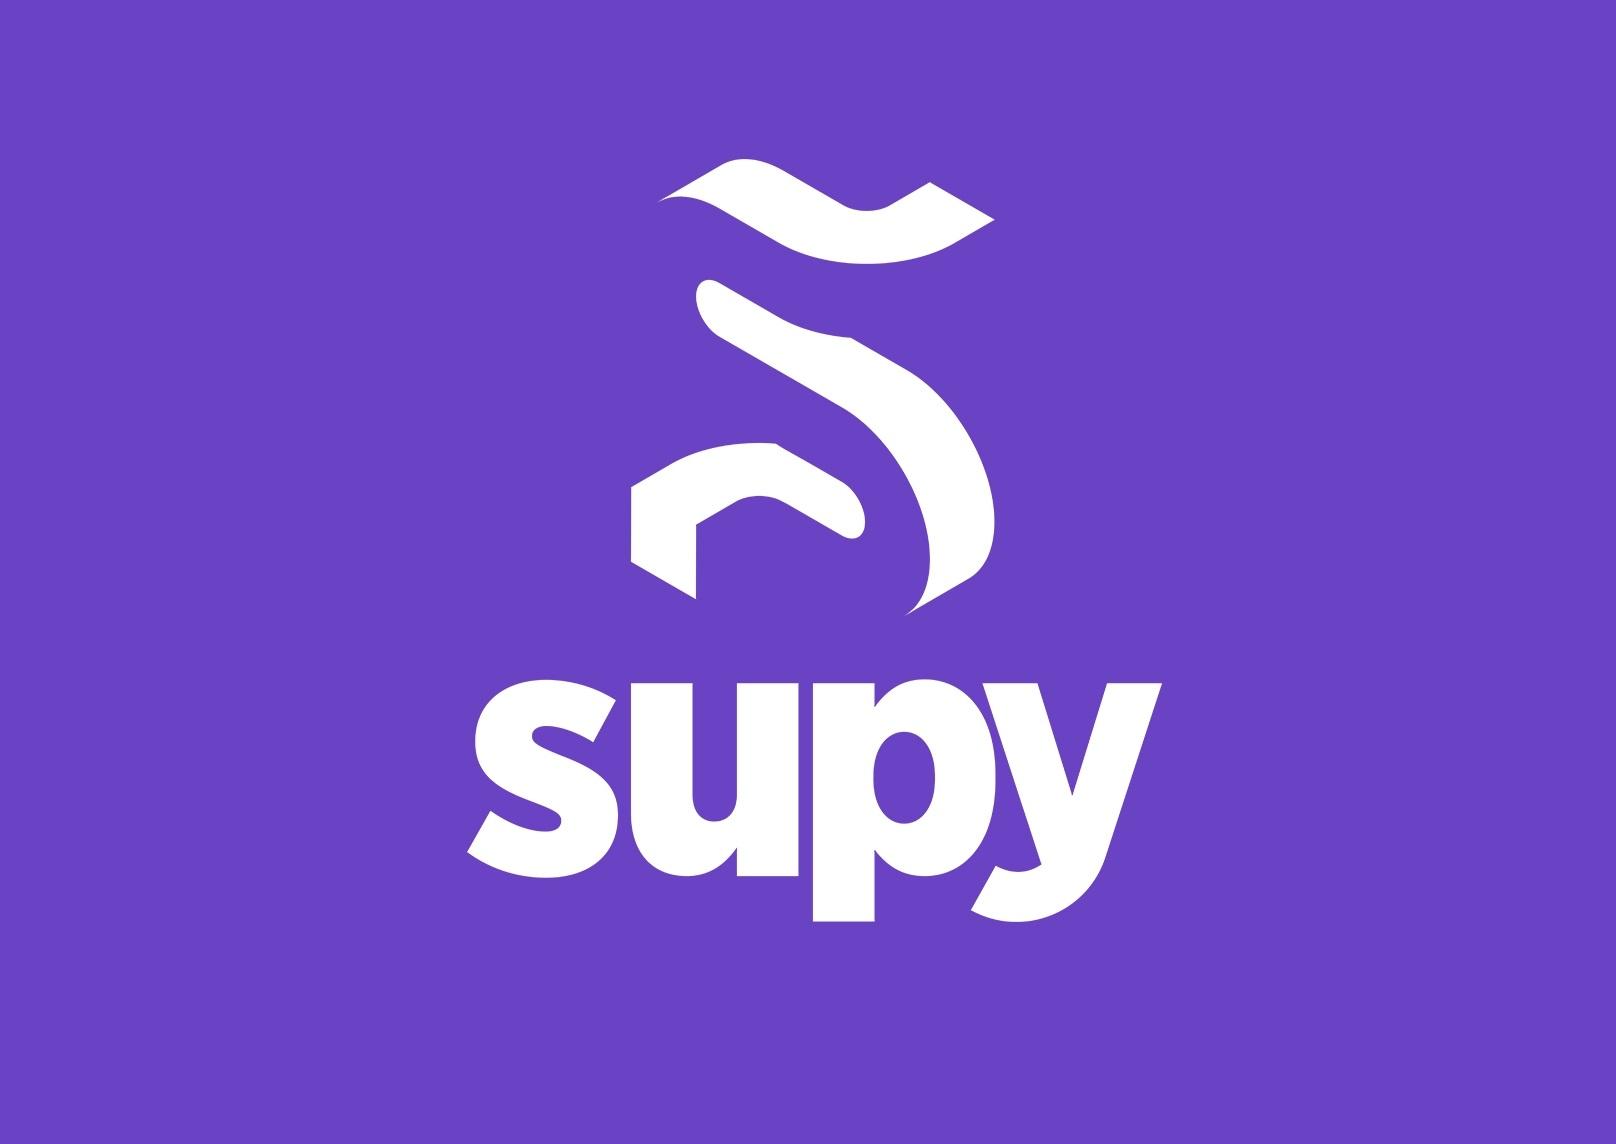 supy-uae-foodteh-startup-raises-15m-in-pre-seed-funding